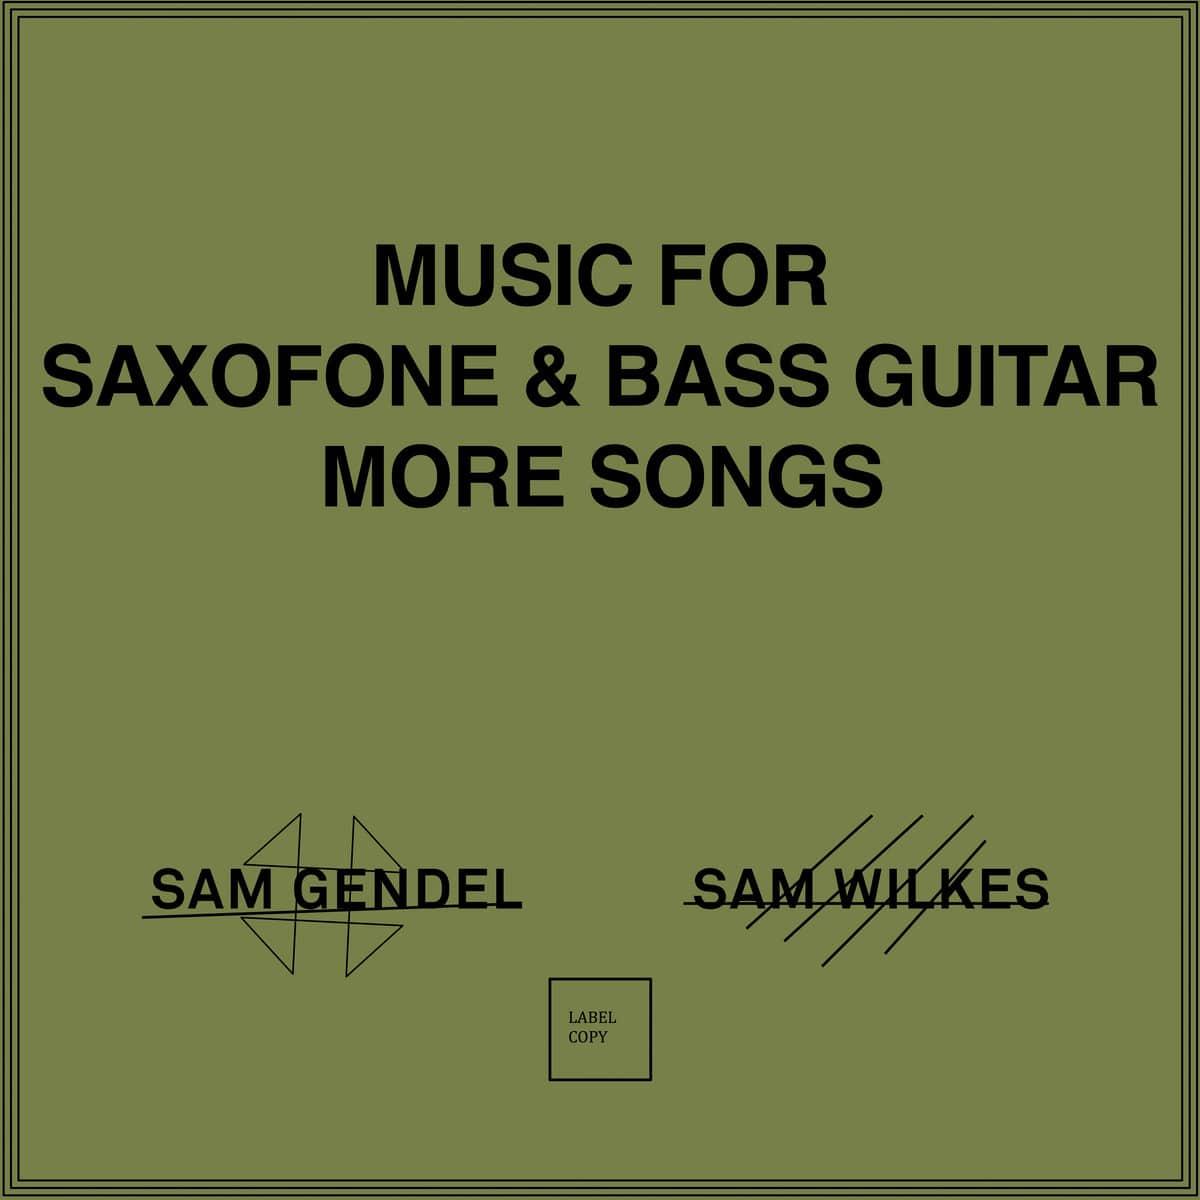 sam gendel sam wilkes music for saxofone bass guitar more songs